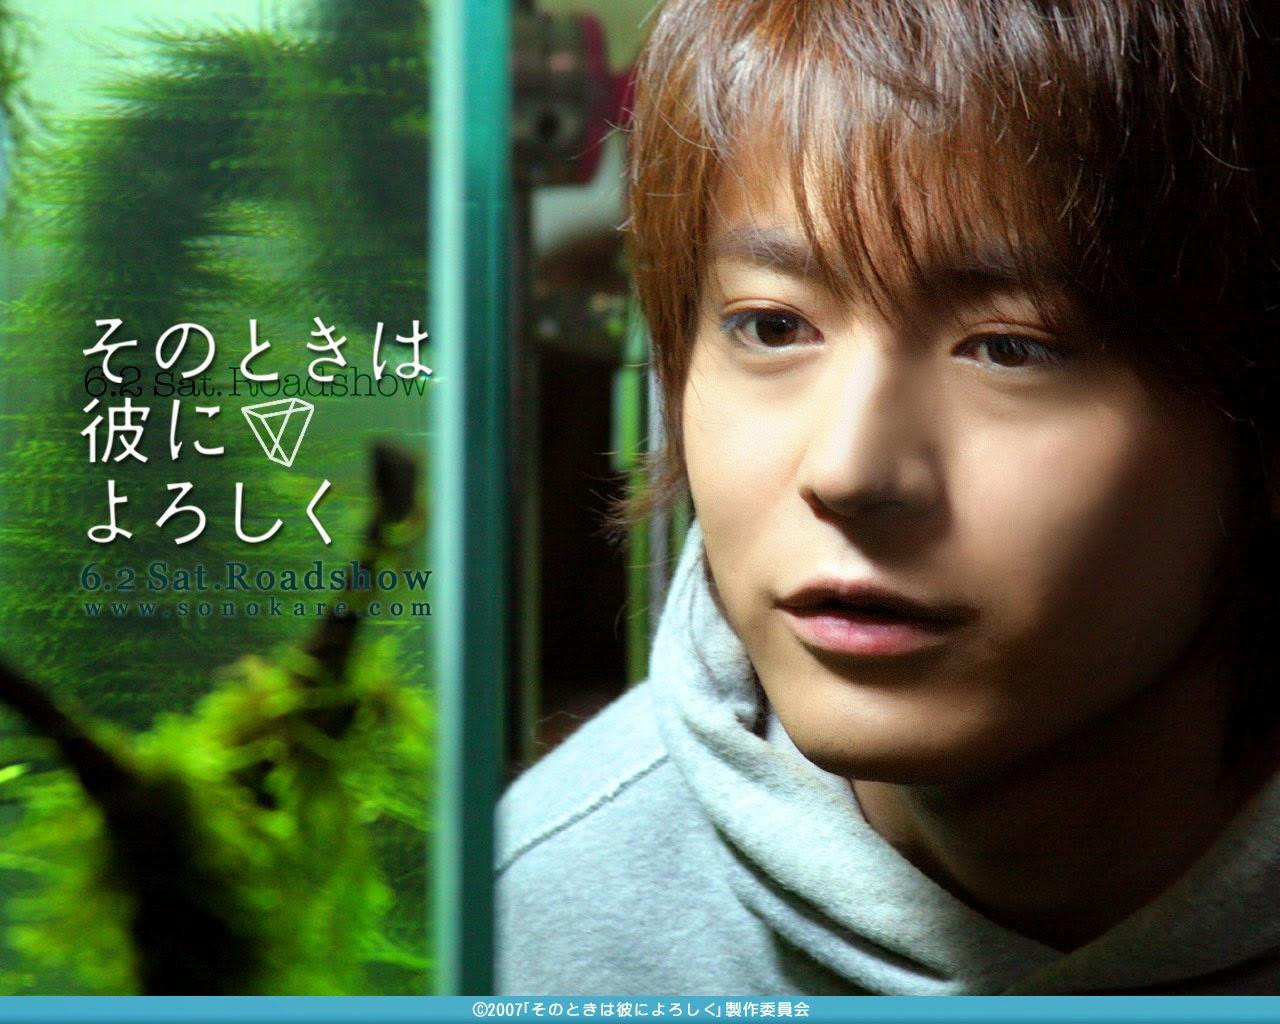 Say Hello for Me (Sono toki wa kare ni yoroshiku) 2007